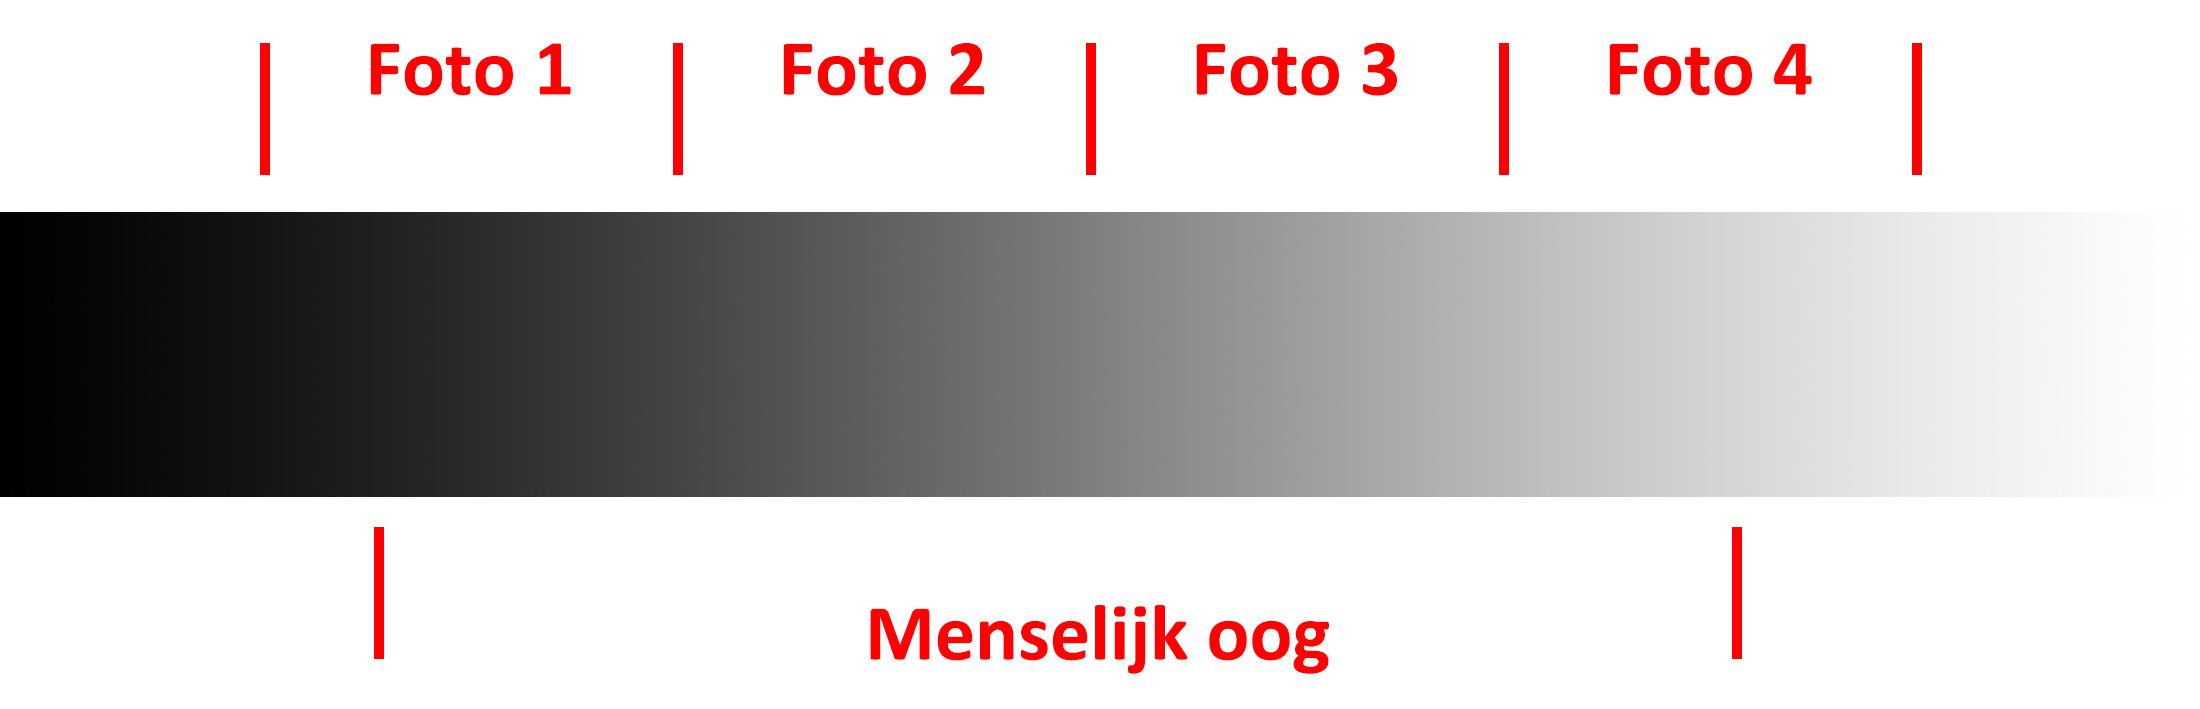 Dynamisch verschil tussen menselijk oog en een camera met 3 hdr-opnames